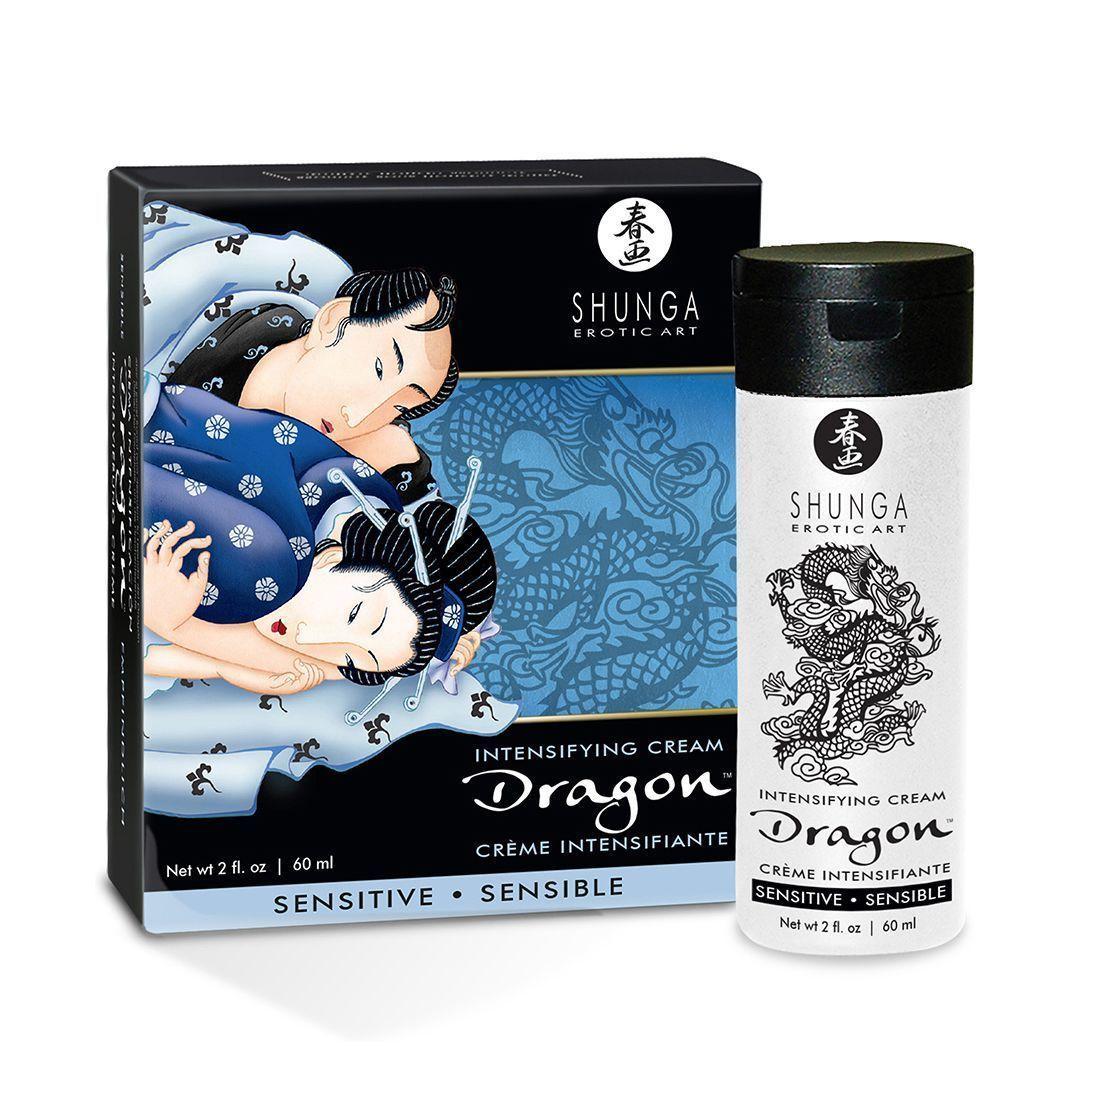 Стимулирующий возбуждающе-пролонгирующий крем для пар Shunga SHUNGA Dragon Cream SENSITIVE (60 мл)